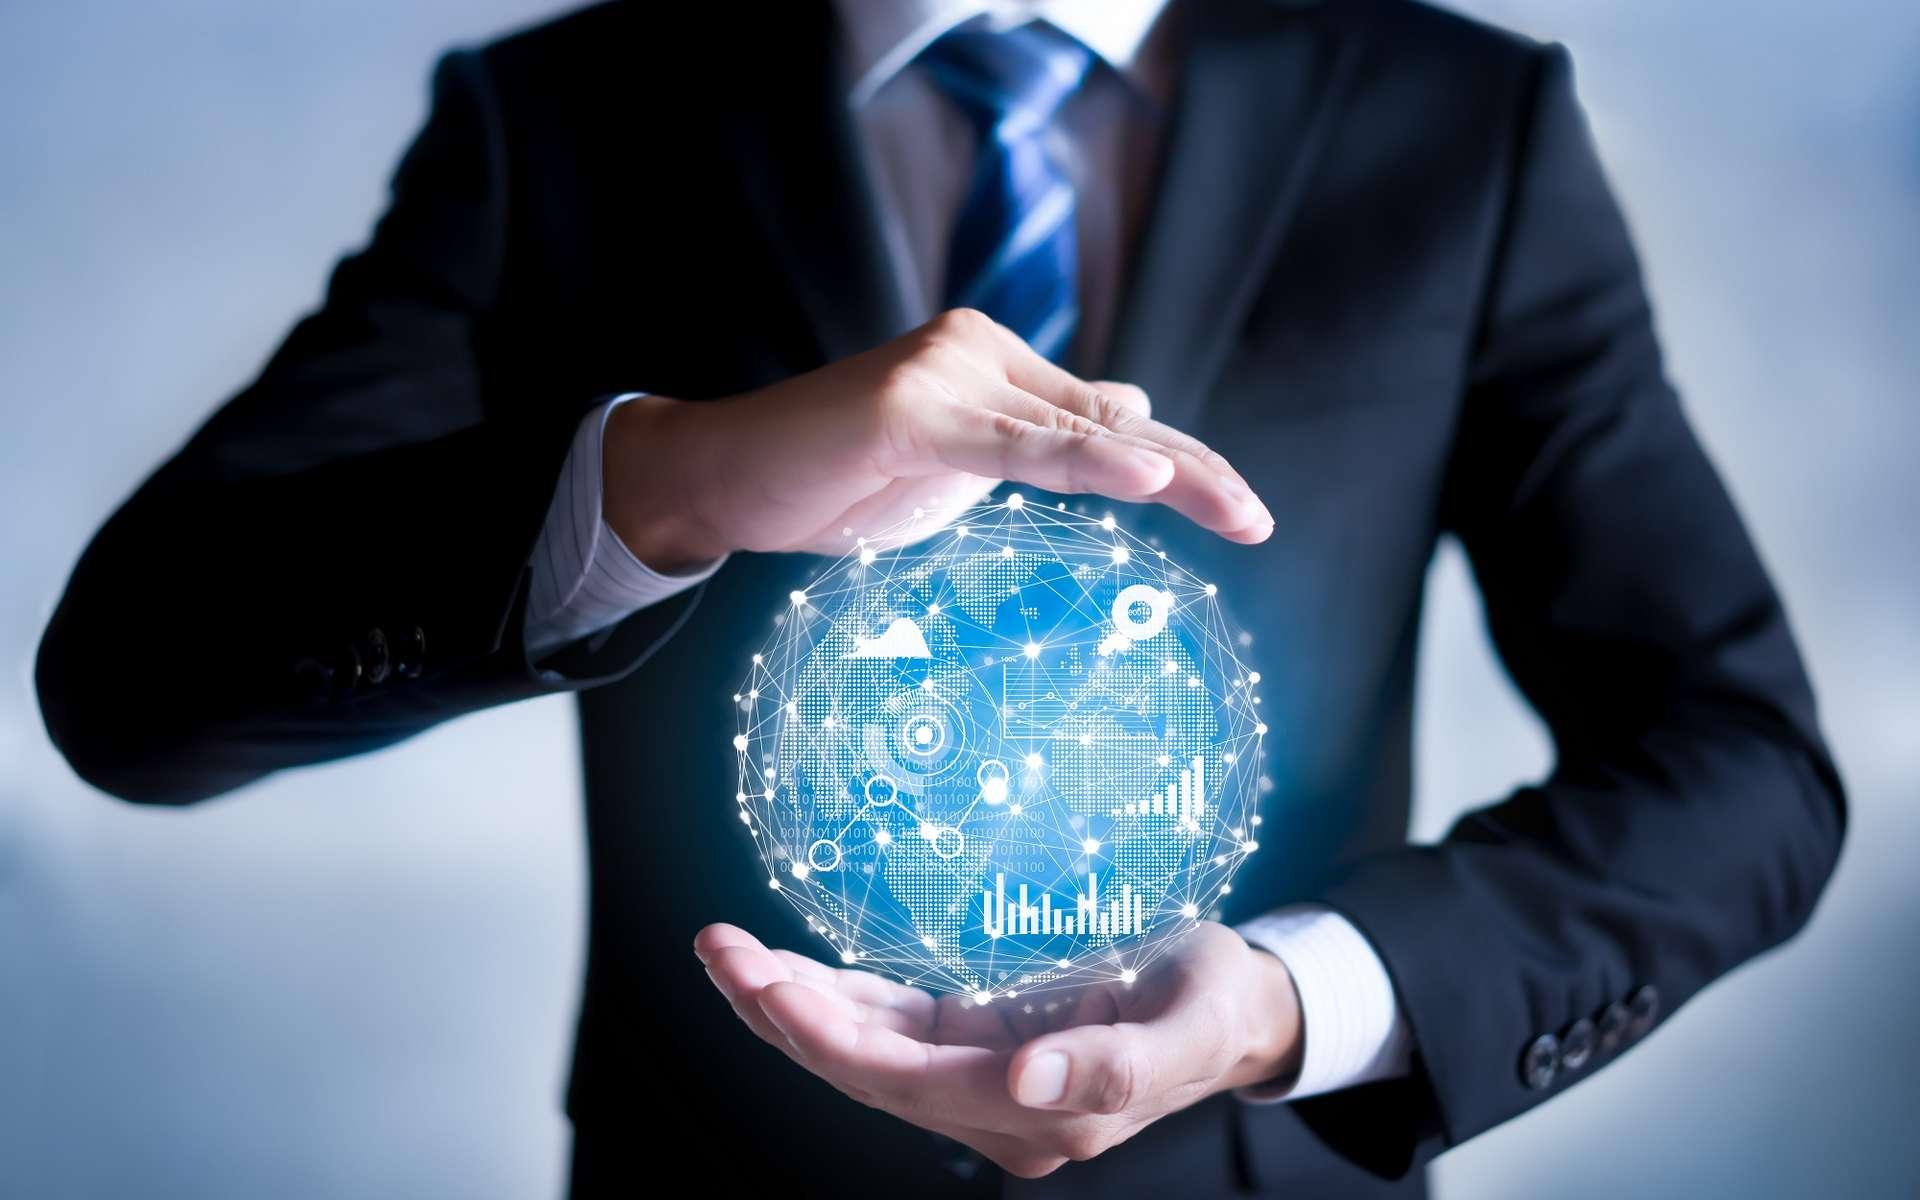 La digitalisation de la société a entraîné un afflux massif de données à gérer pour les entreprises dans tous les secteurs d'activité, créant ainsi de nouveaux métiers. © Worawut, Adobe Stock.